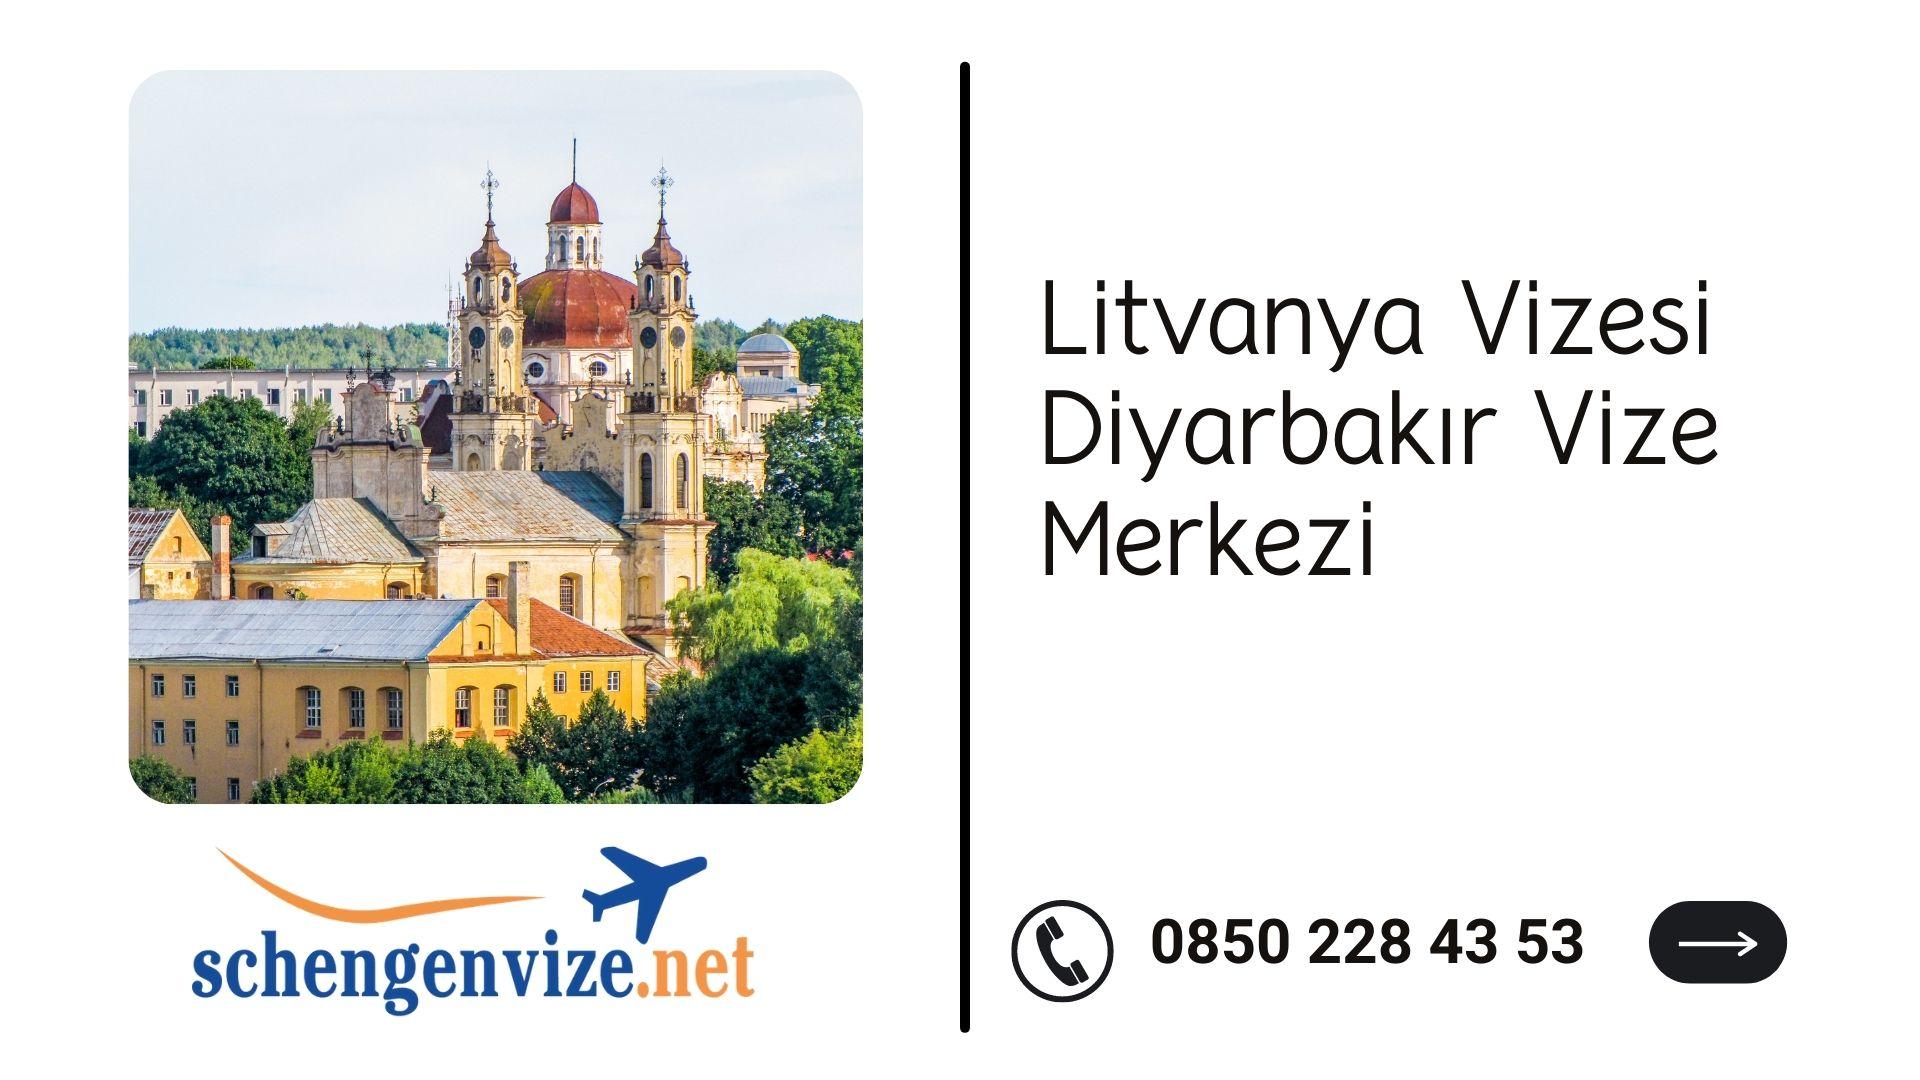 Litvanya Vizesi Diyarbakır Vize Merkezi